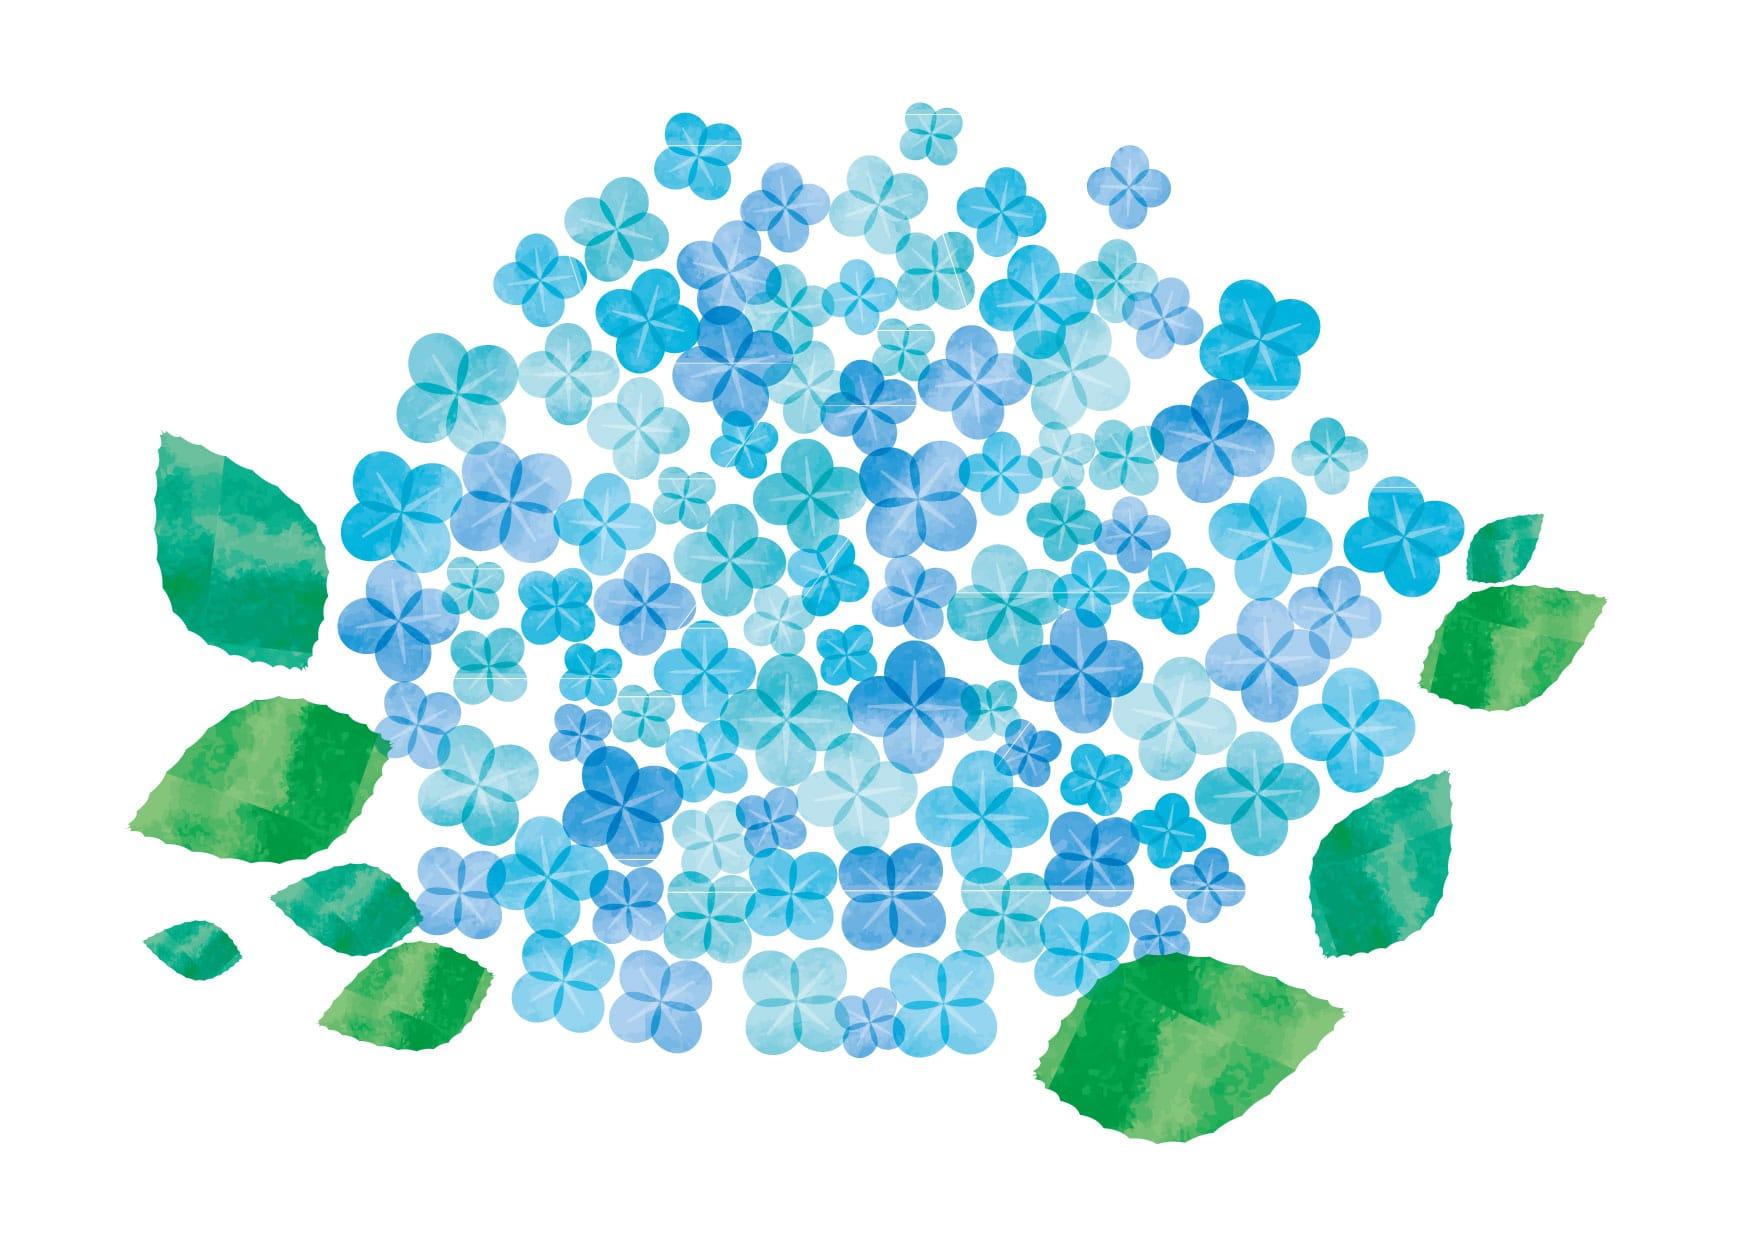 あじさい 水彩 水色 花 イラスト 無料